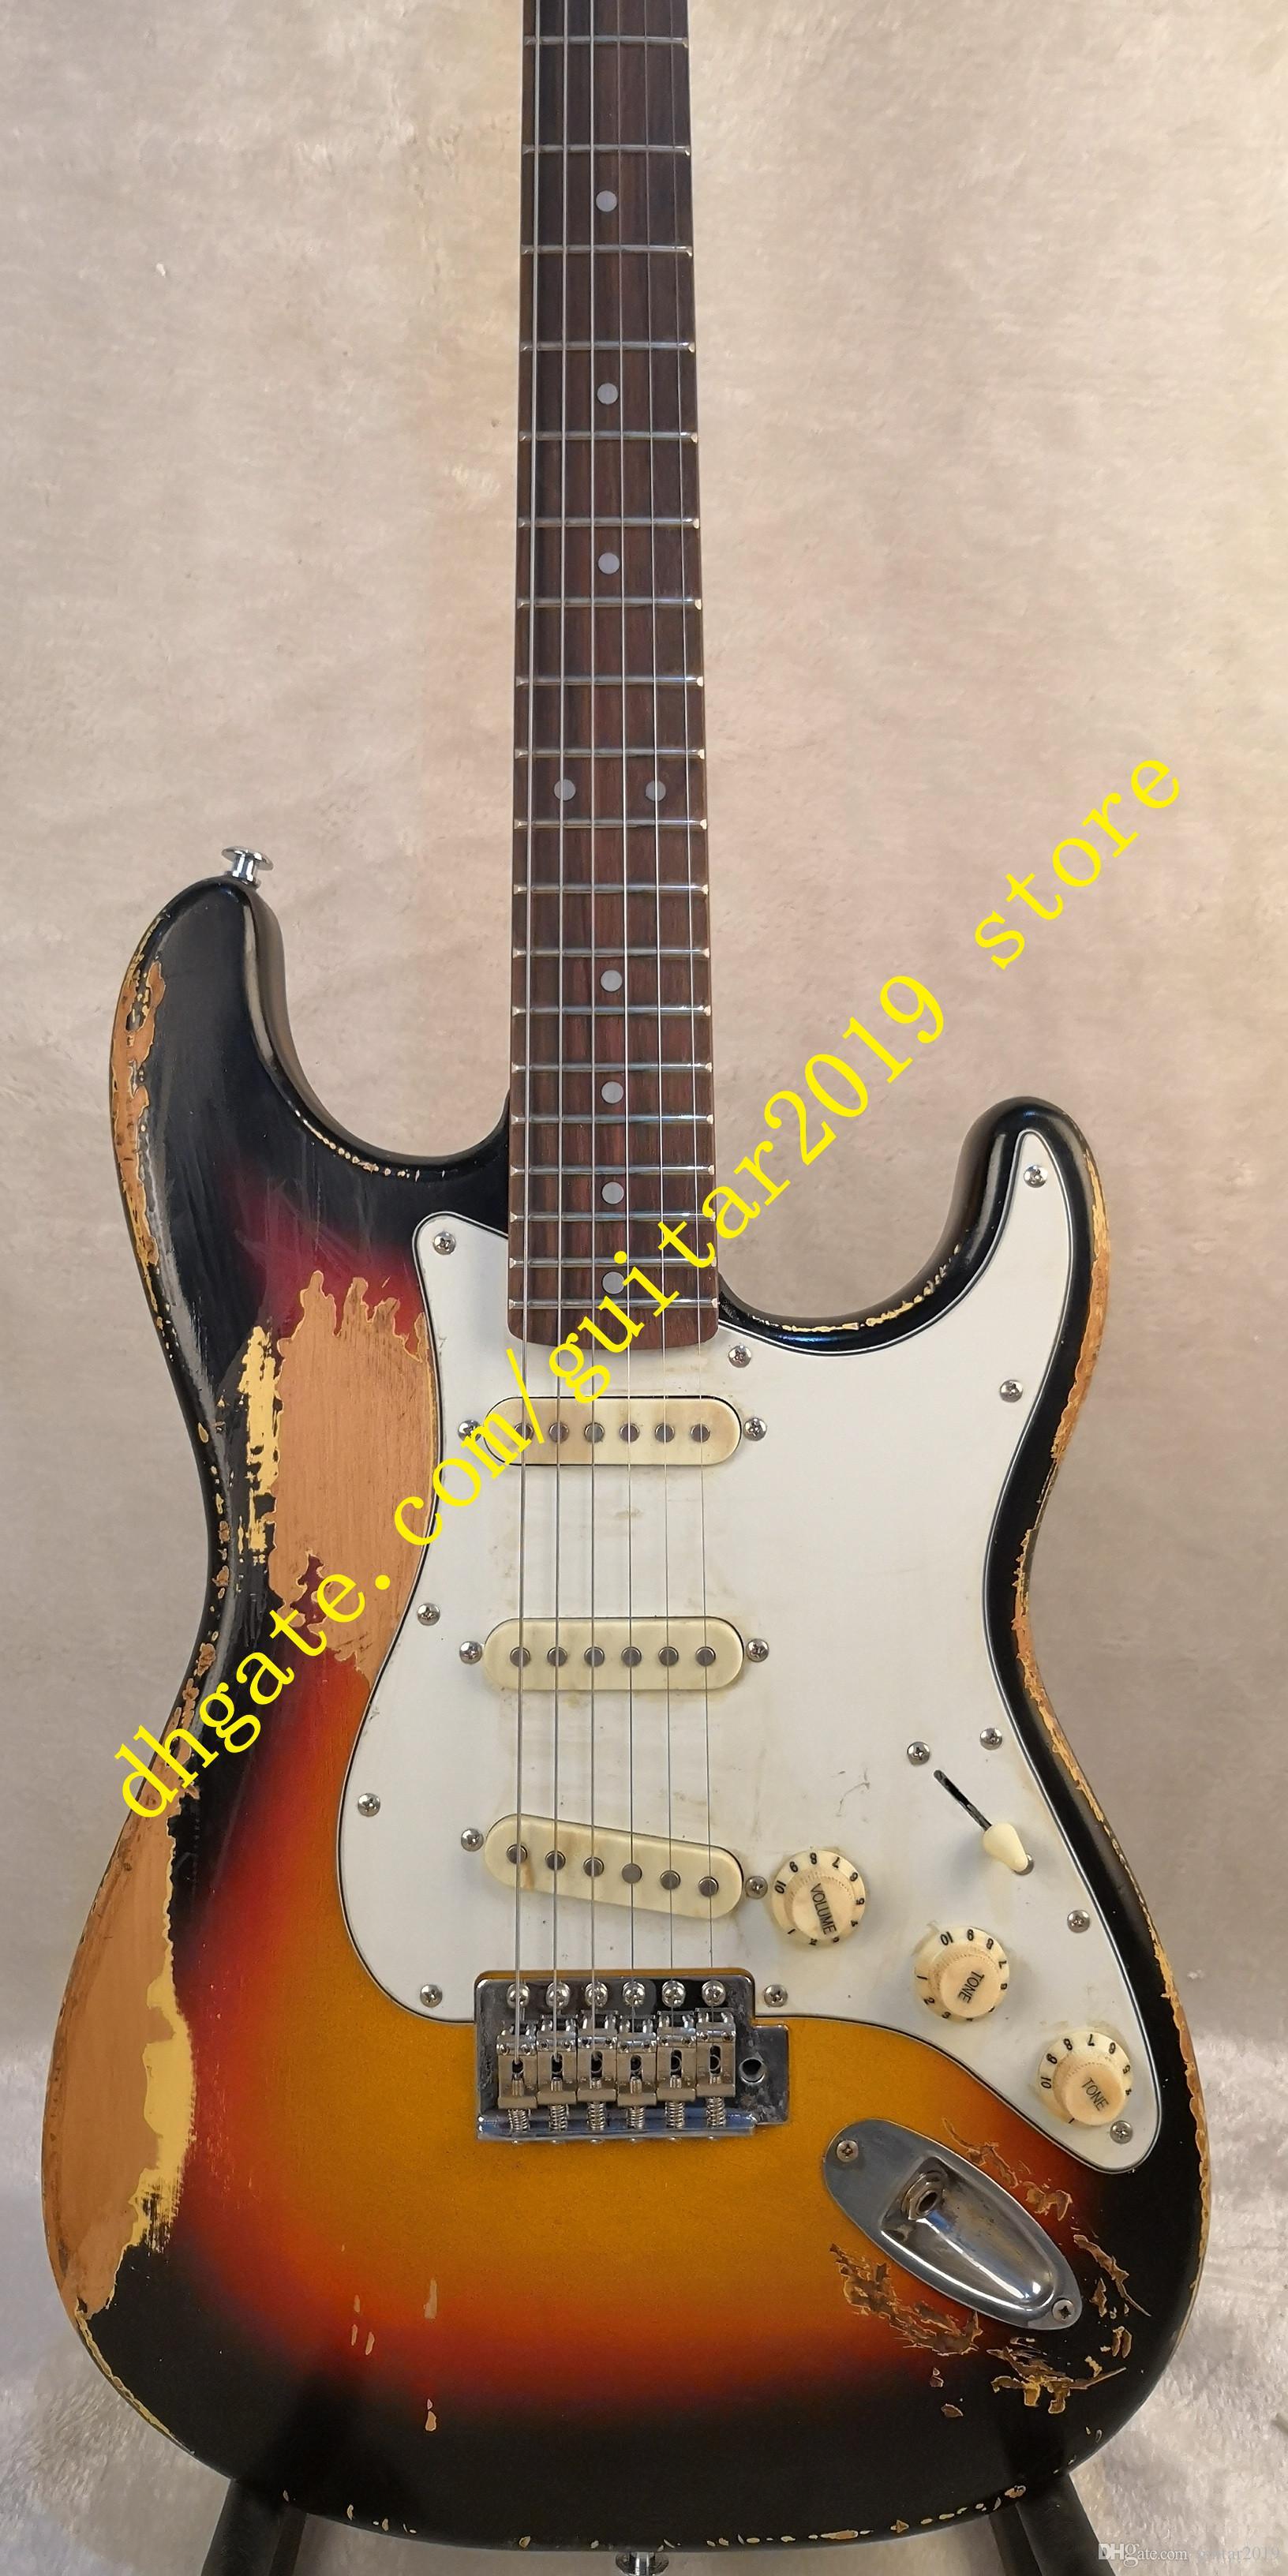 Deluxe Serisi Frusciante 1962 Sunburst Ağır Relic Elektro Gitar Stokta